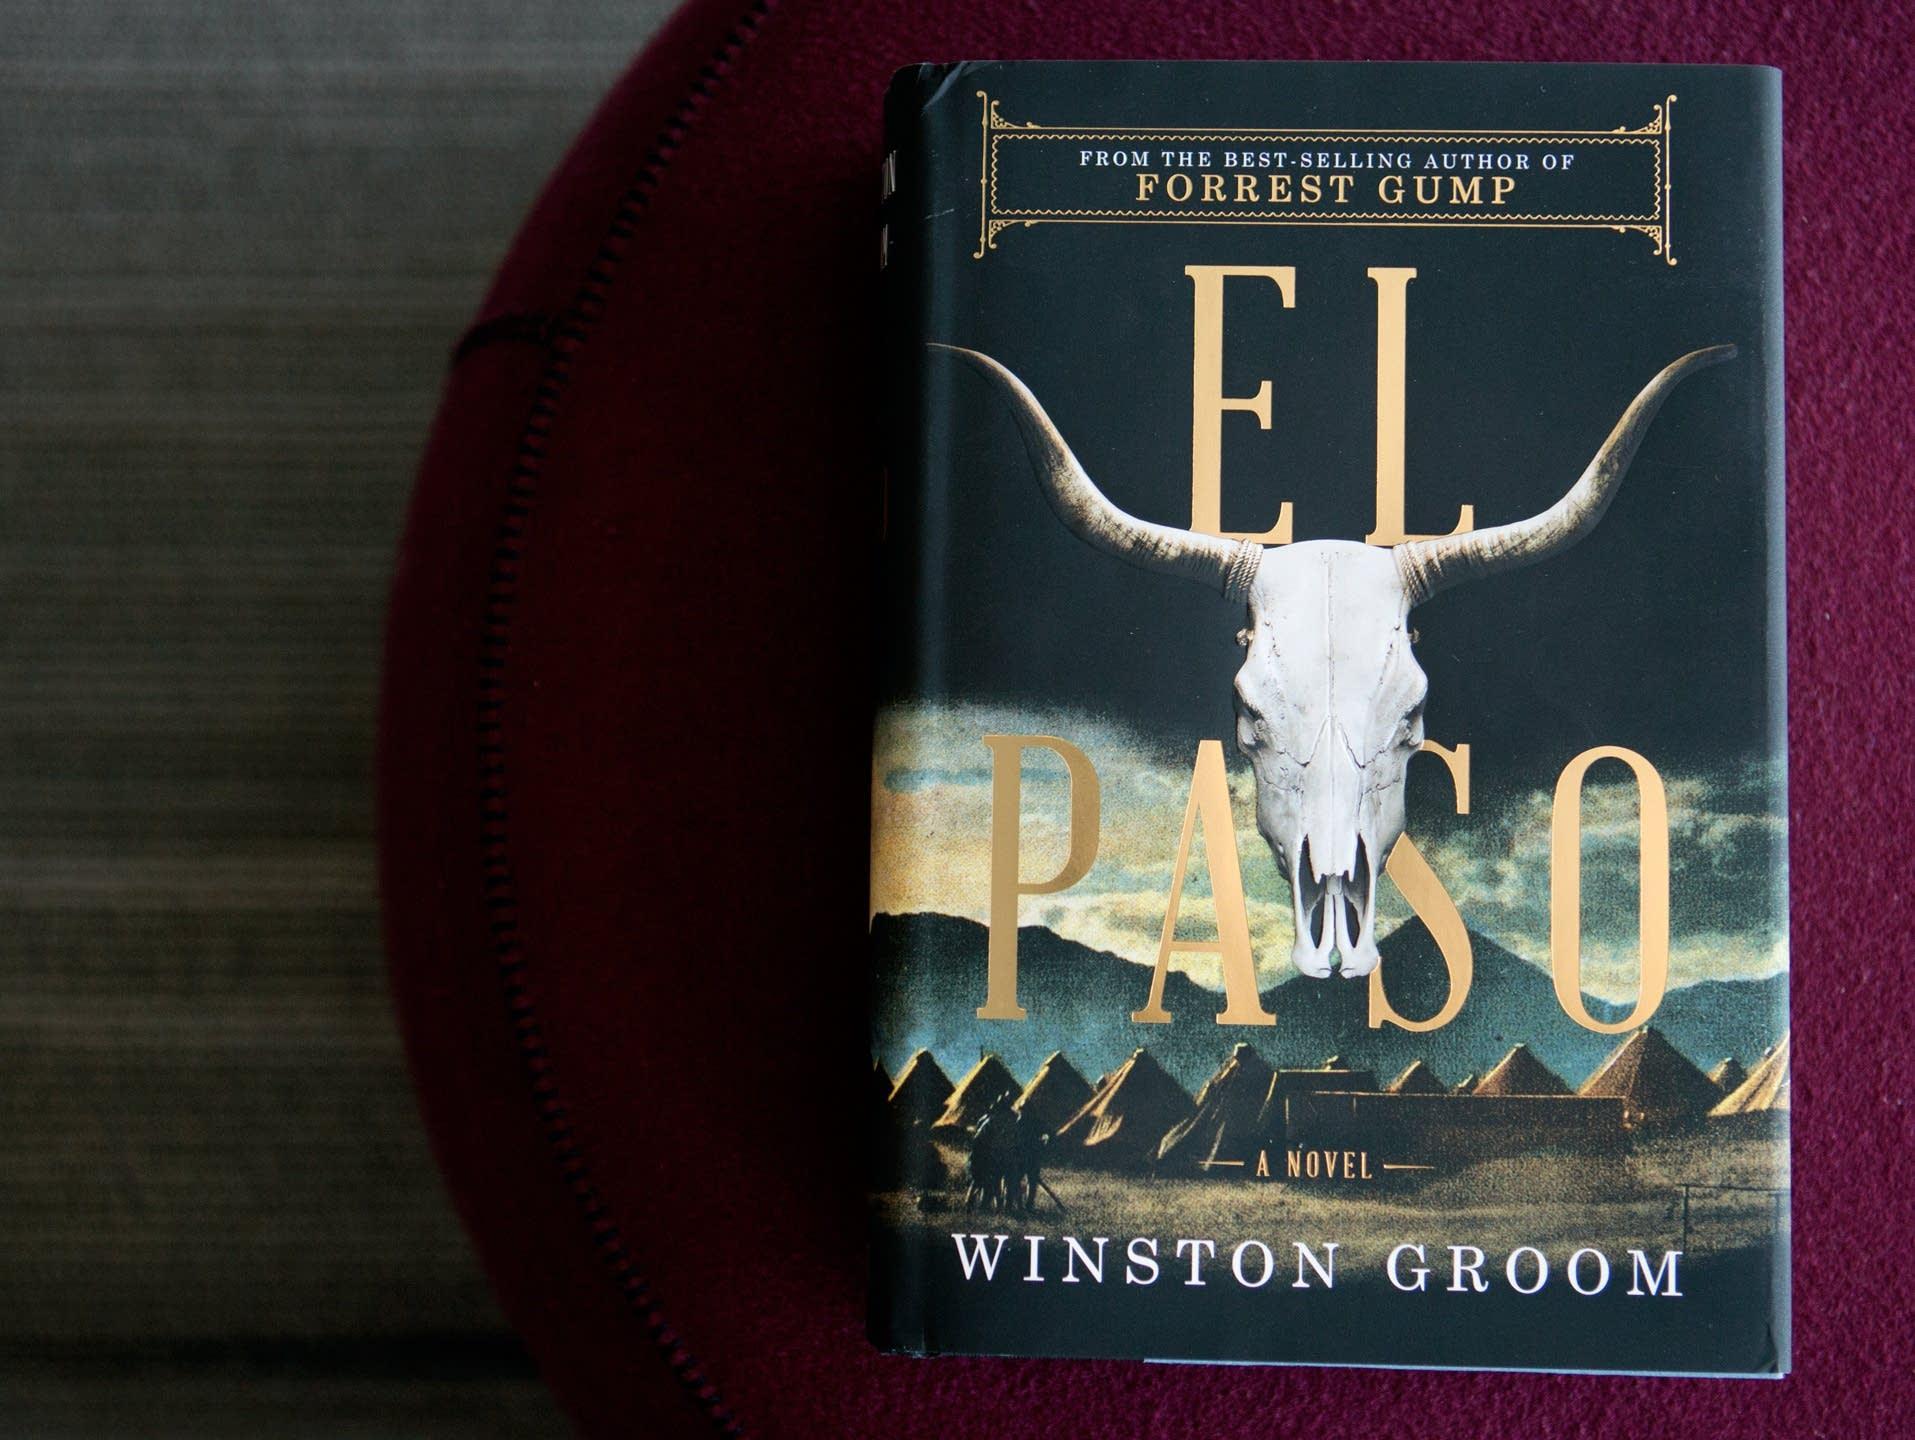 'El Paso' by Winston Groom